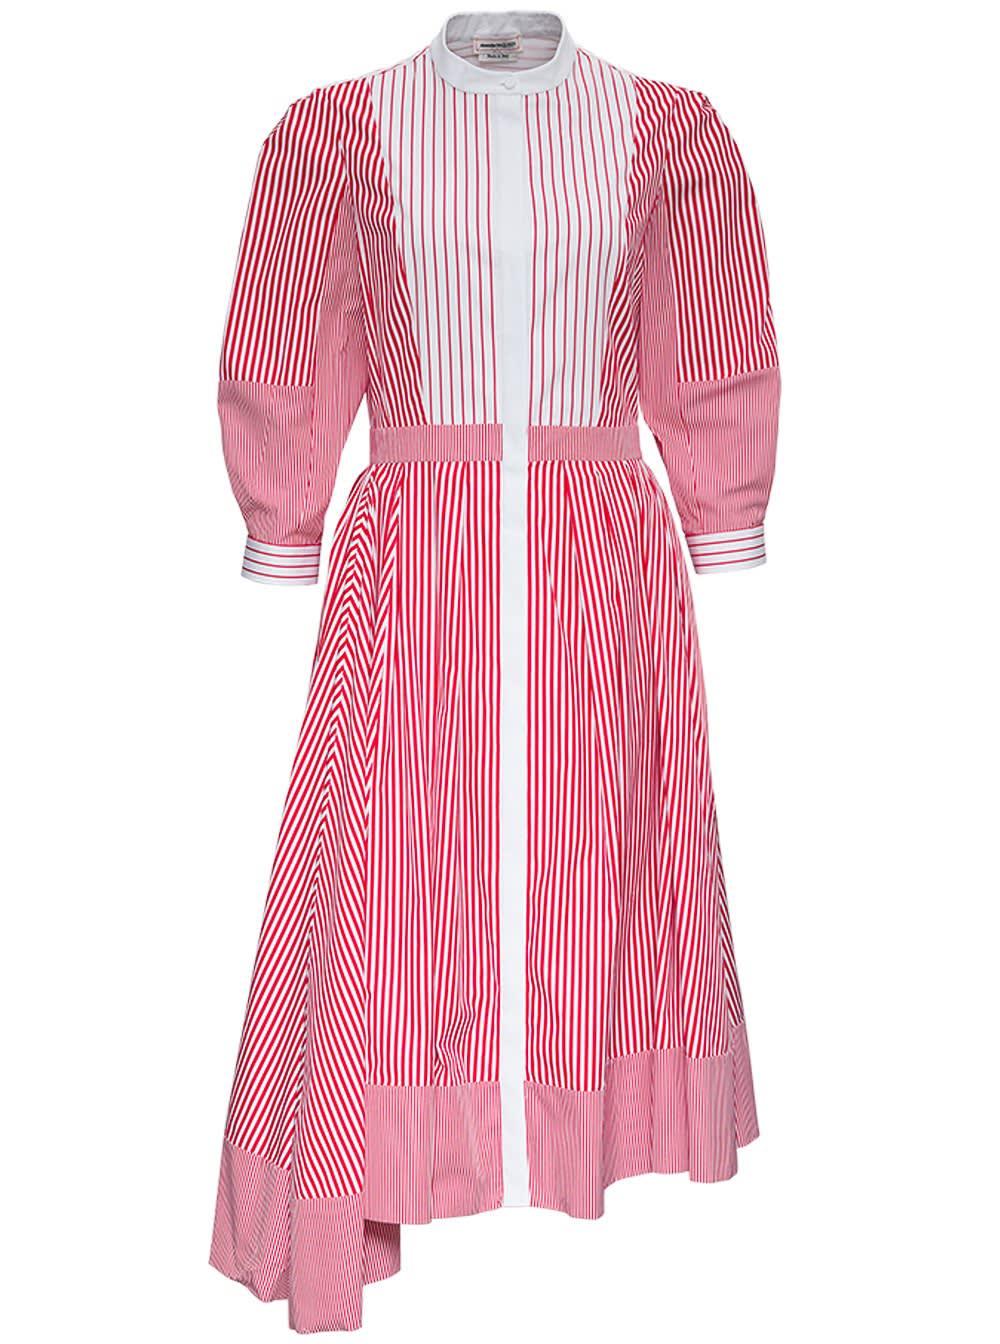 Alexander McQueen Patchwork Striped Chemisier Dress